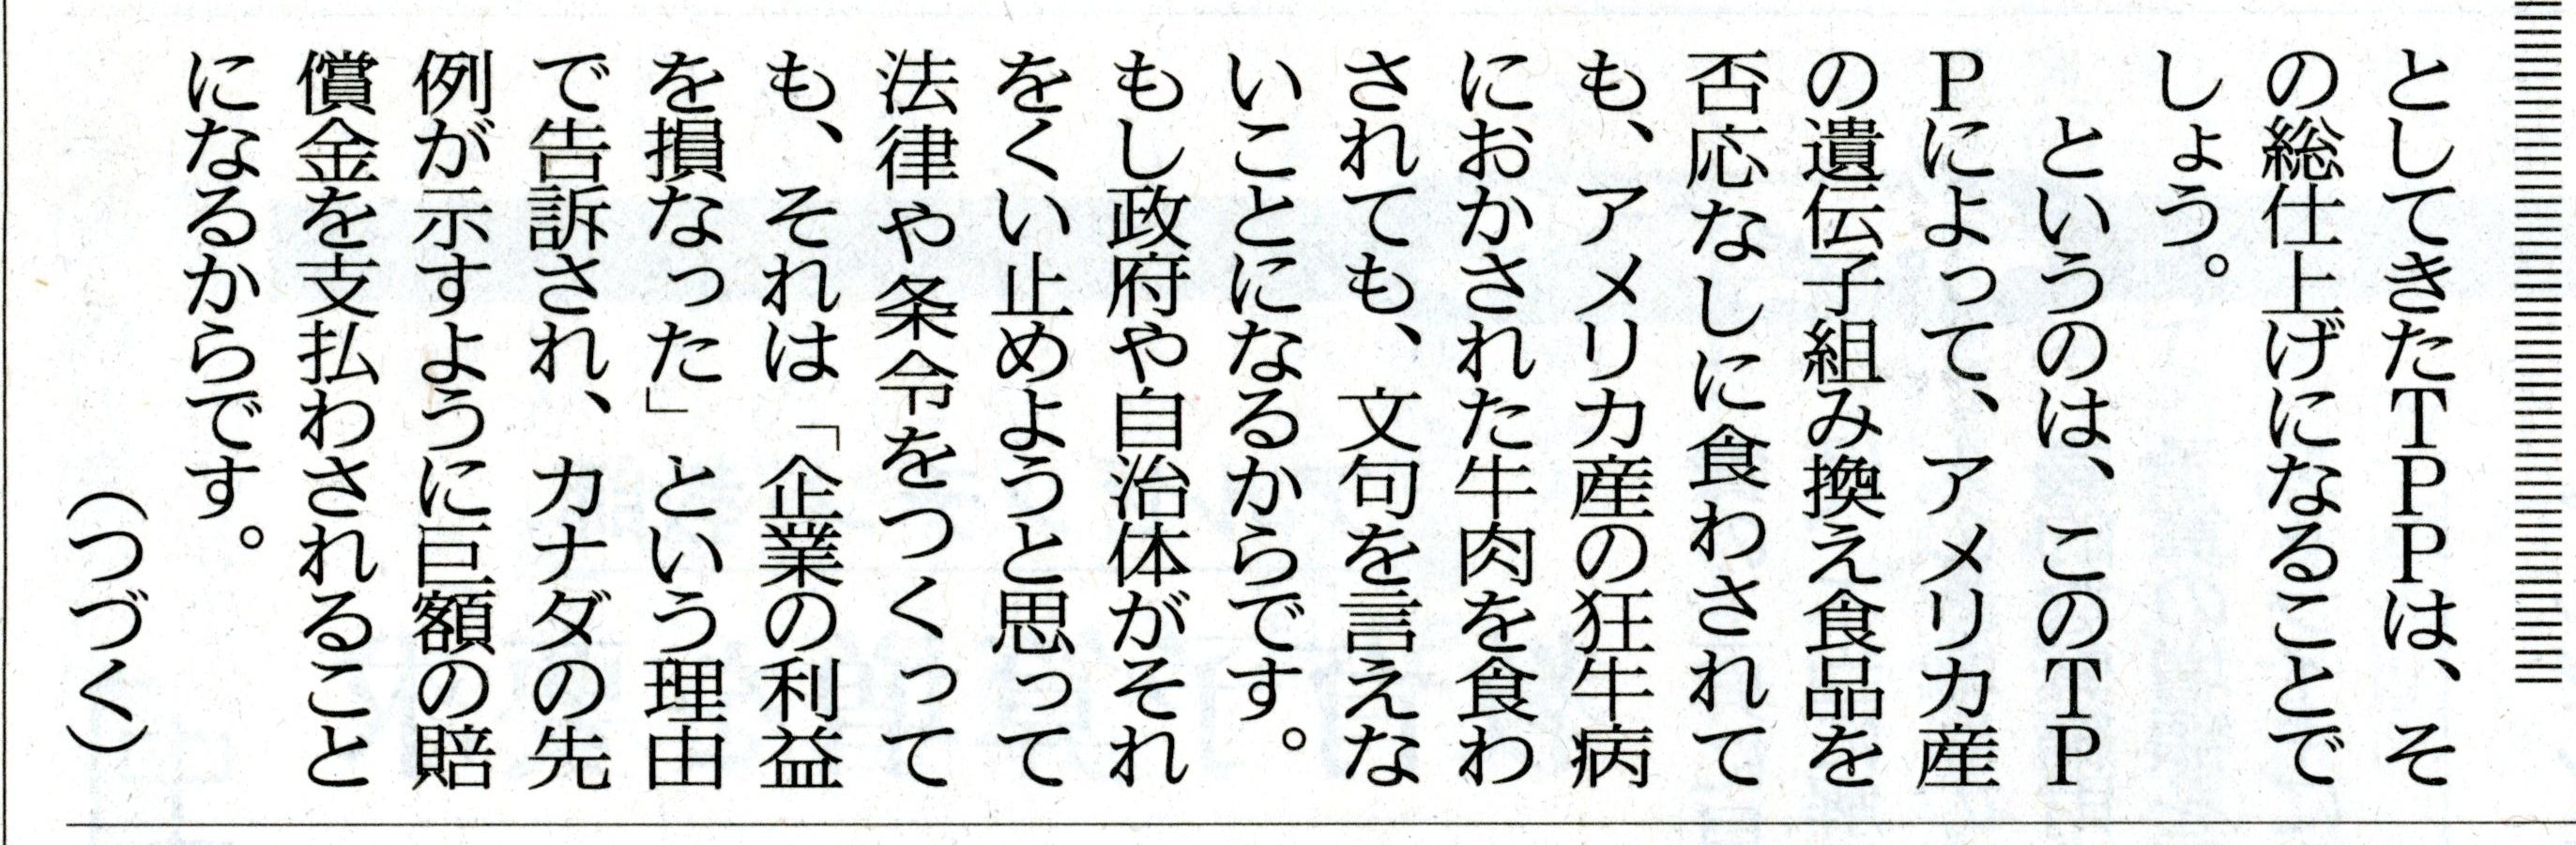 長周新聞20170113 軍事的従属と文化的従属4-2